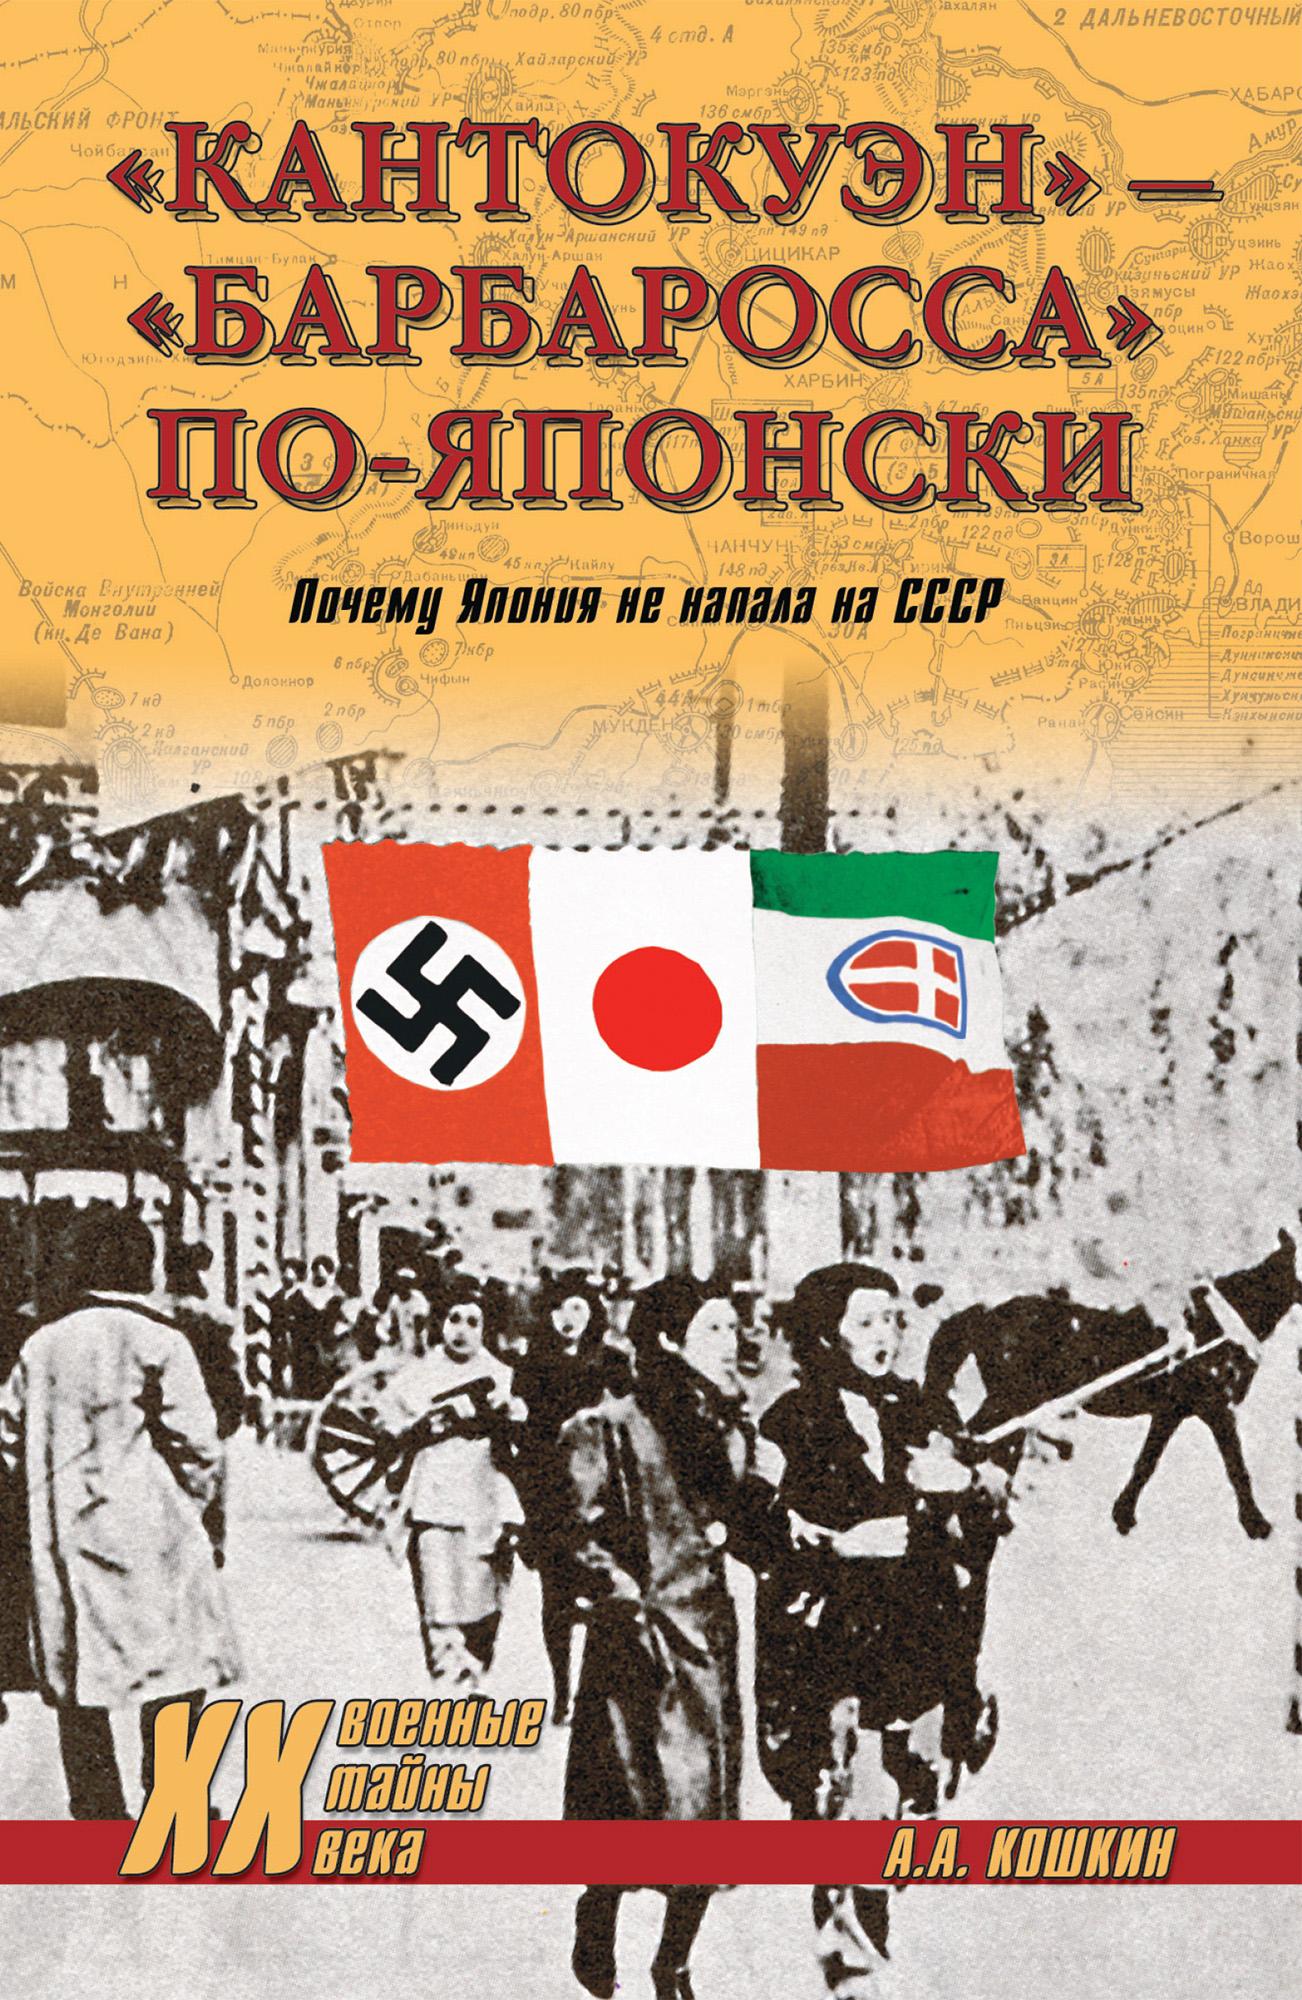 «Кантокуэн» – «Барбаросса» по-японски. Почему Япония не напала на СССР